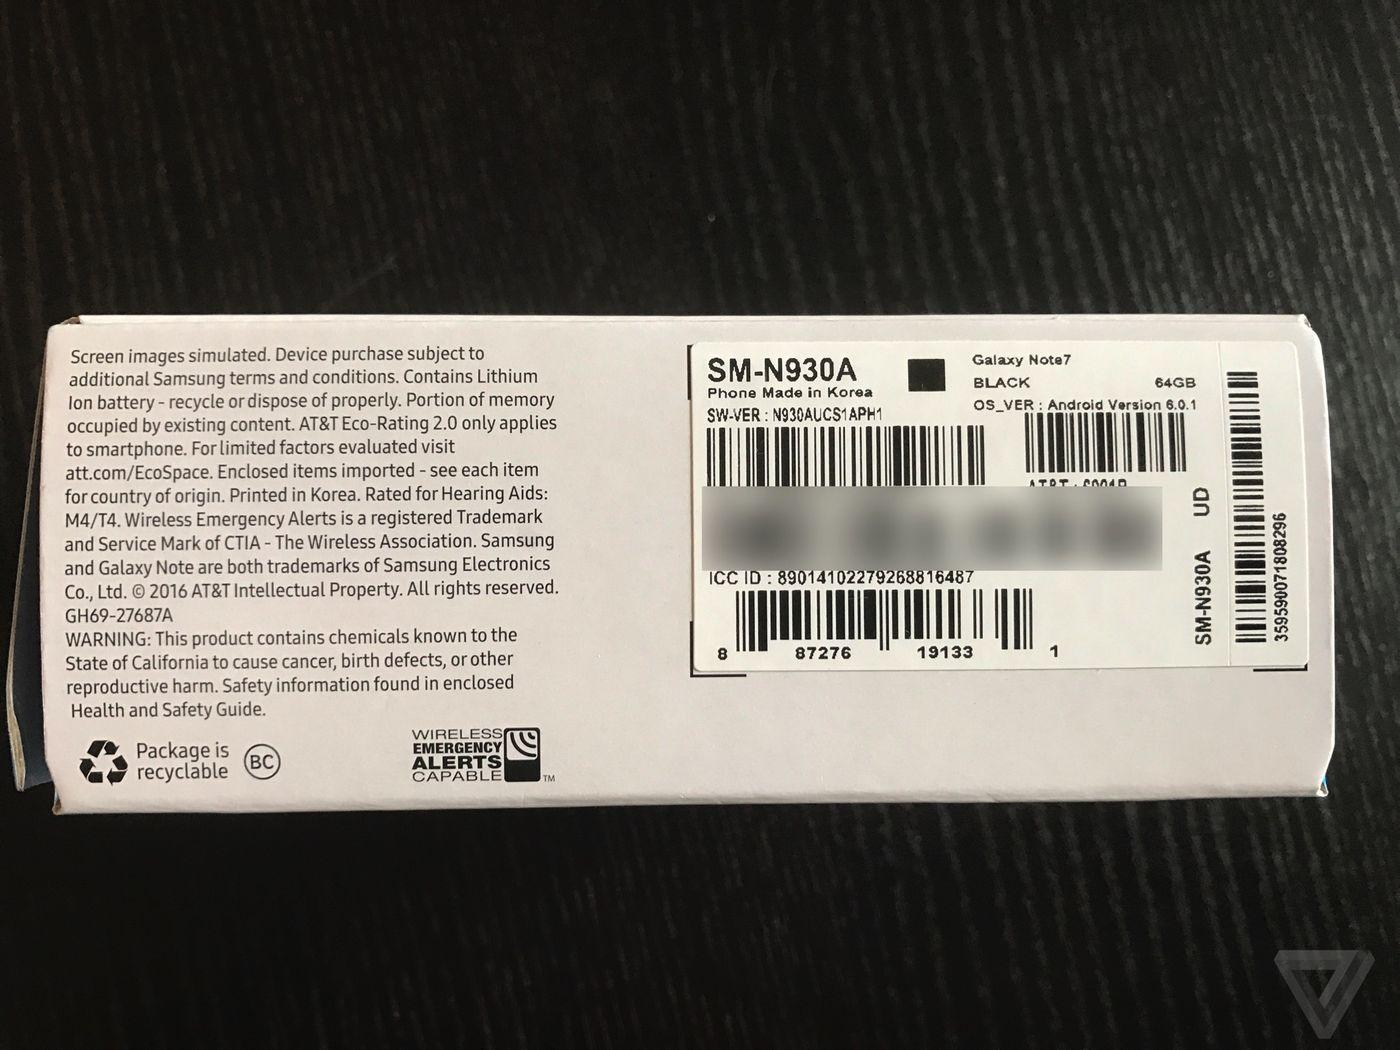 그린의 갤럭시 노트 7 박스. 교환품이라는 표시인 검은색 박스가 보인다. (더 버지)